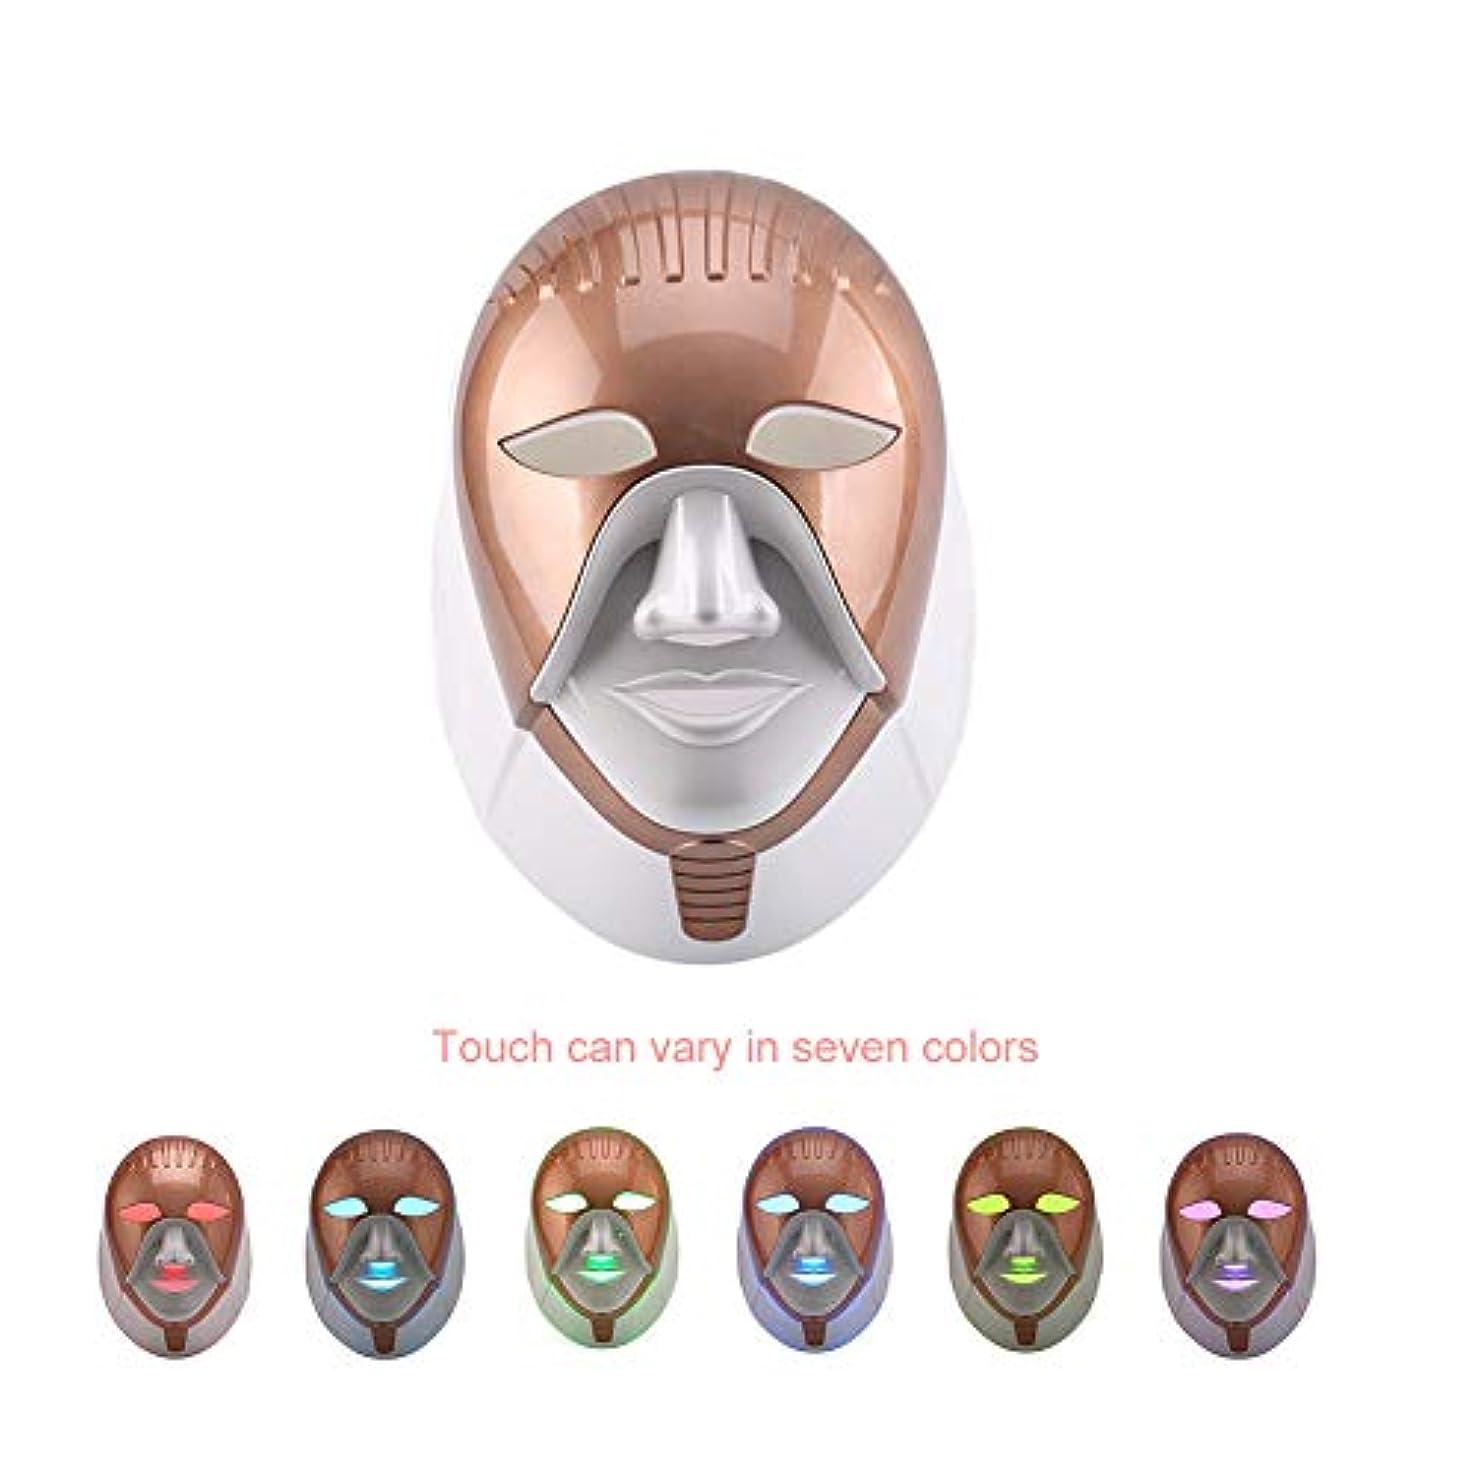 報いるローラーフリッパー7色led光子フェイスマスク、にきび除去しわ治療、インテリジェントタッチコントロール光子療法、美容機器にきび肌の若返り